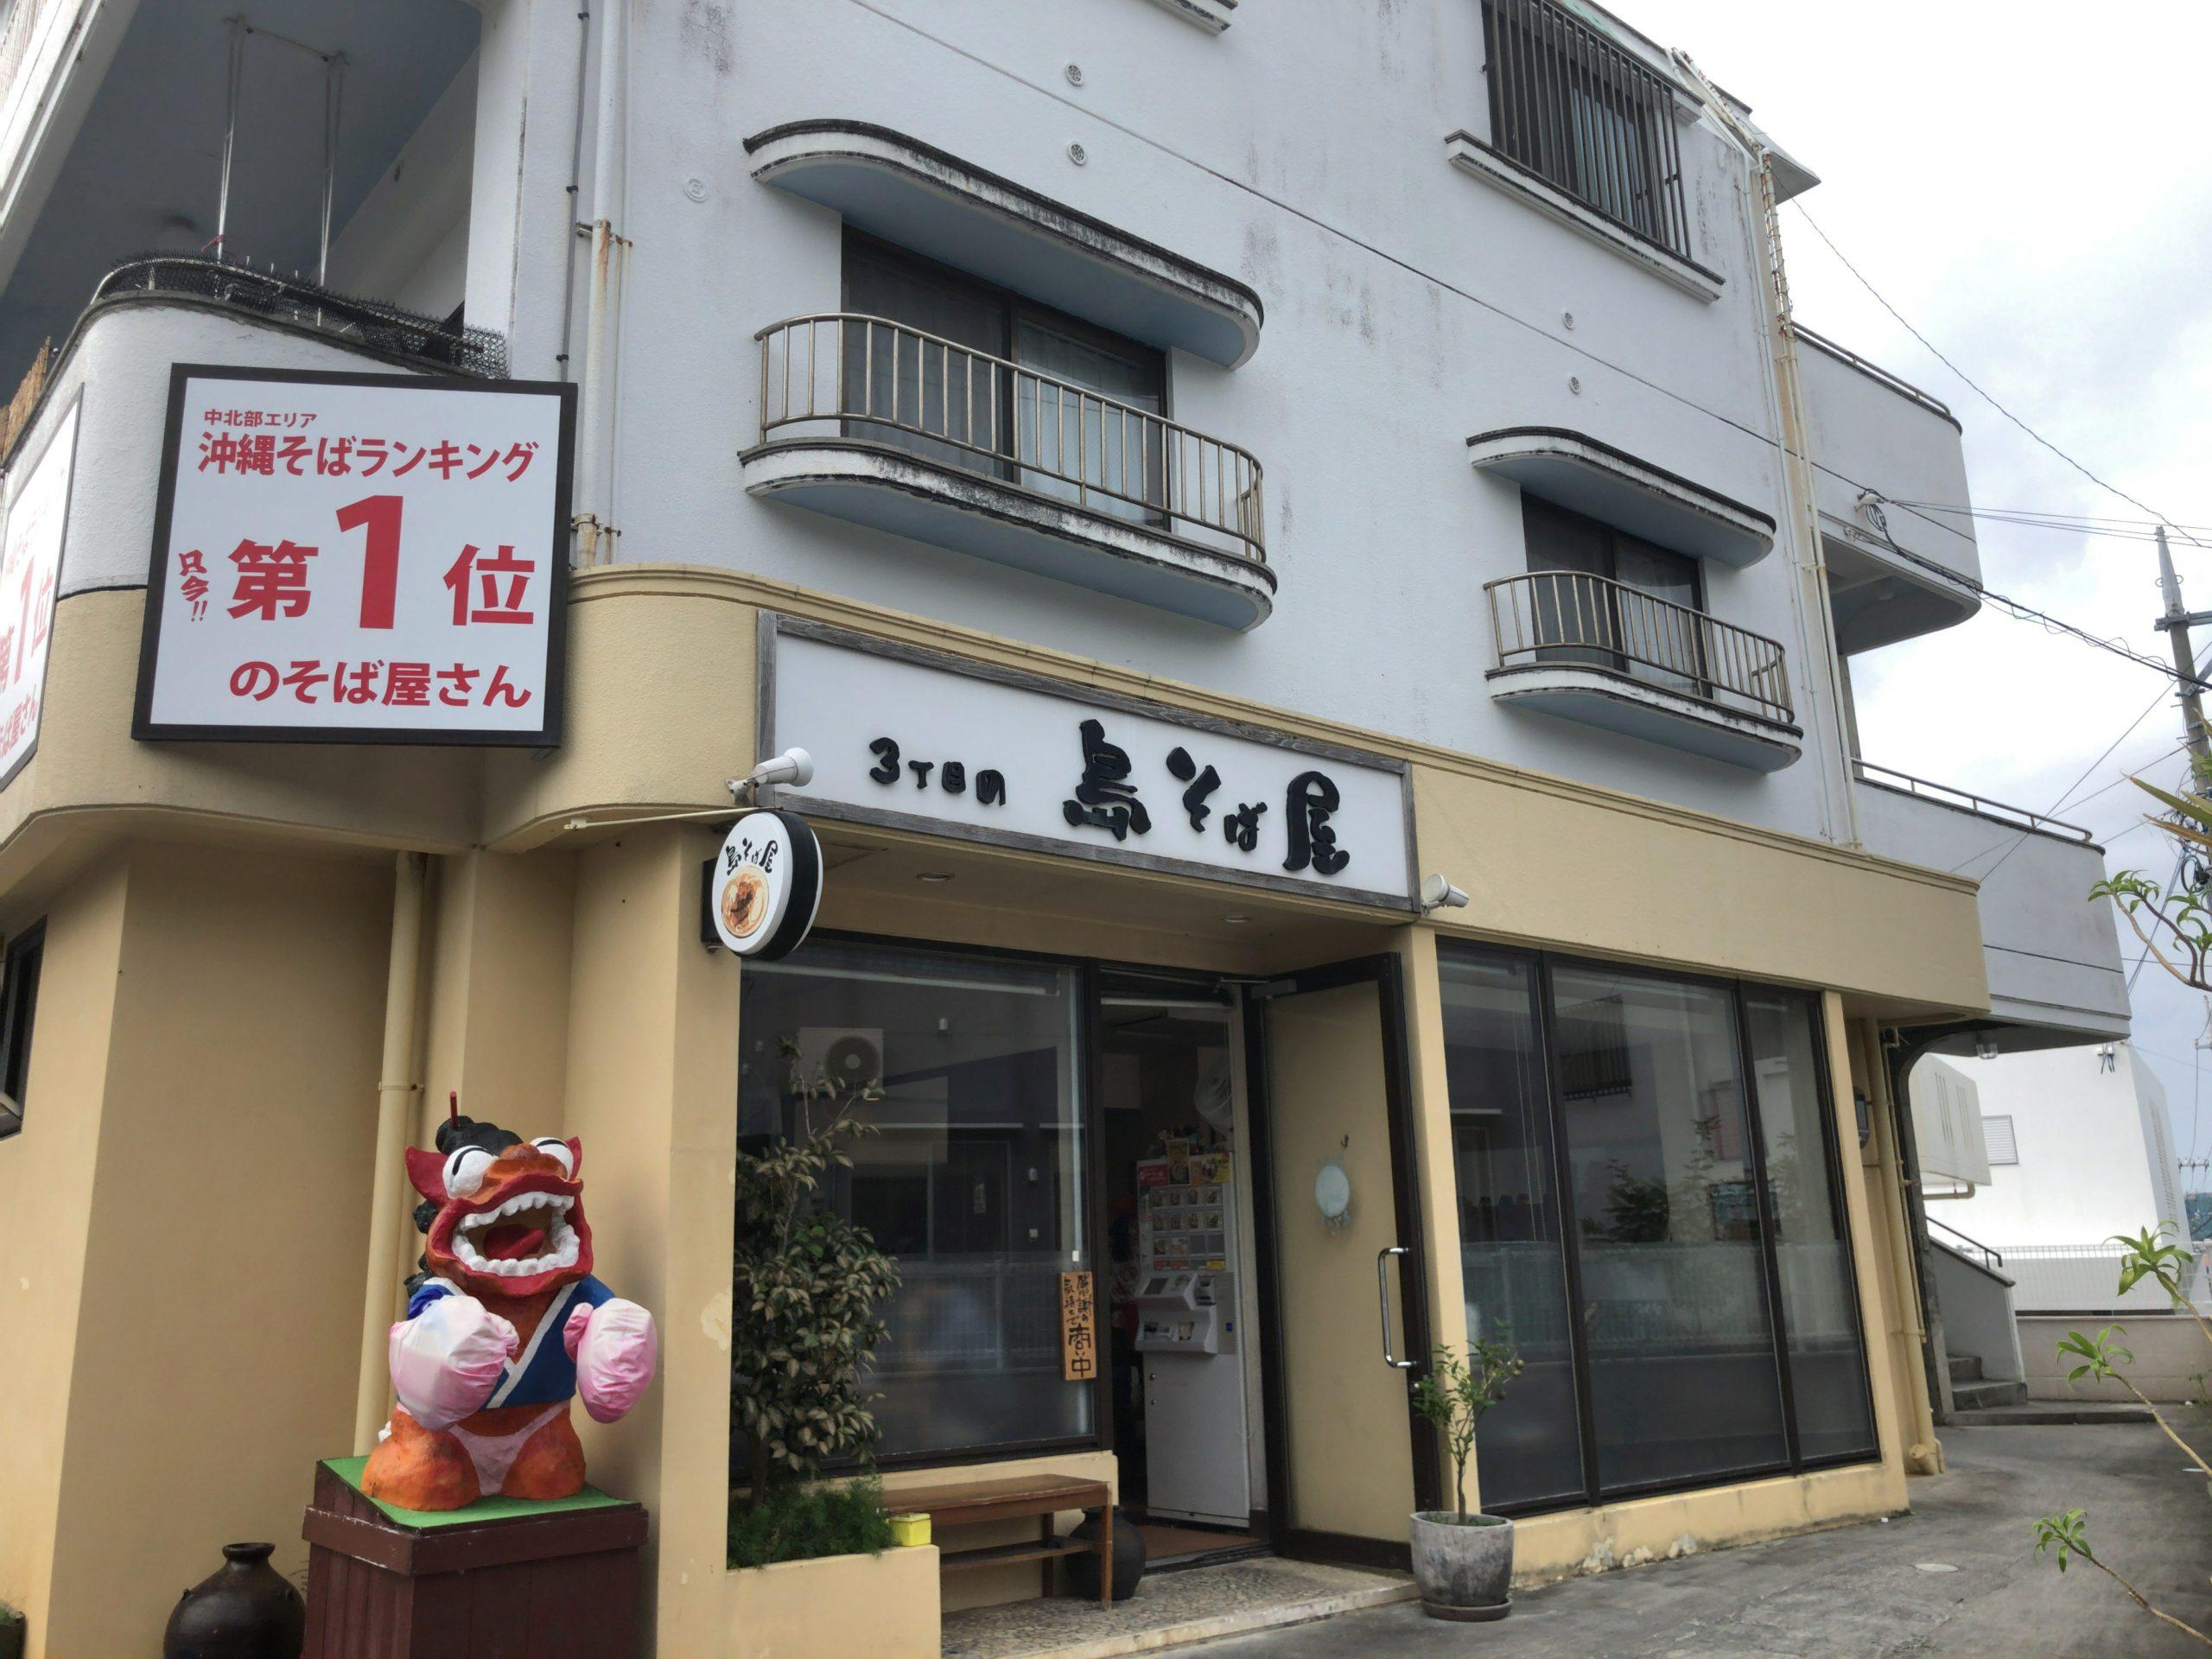 宜野湾市『3丁目の島そば屋』沖縄そばランキング第1位